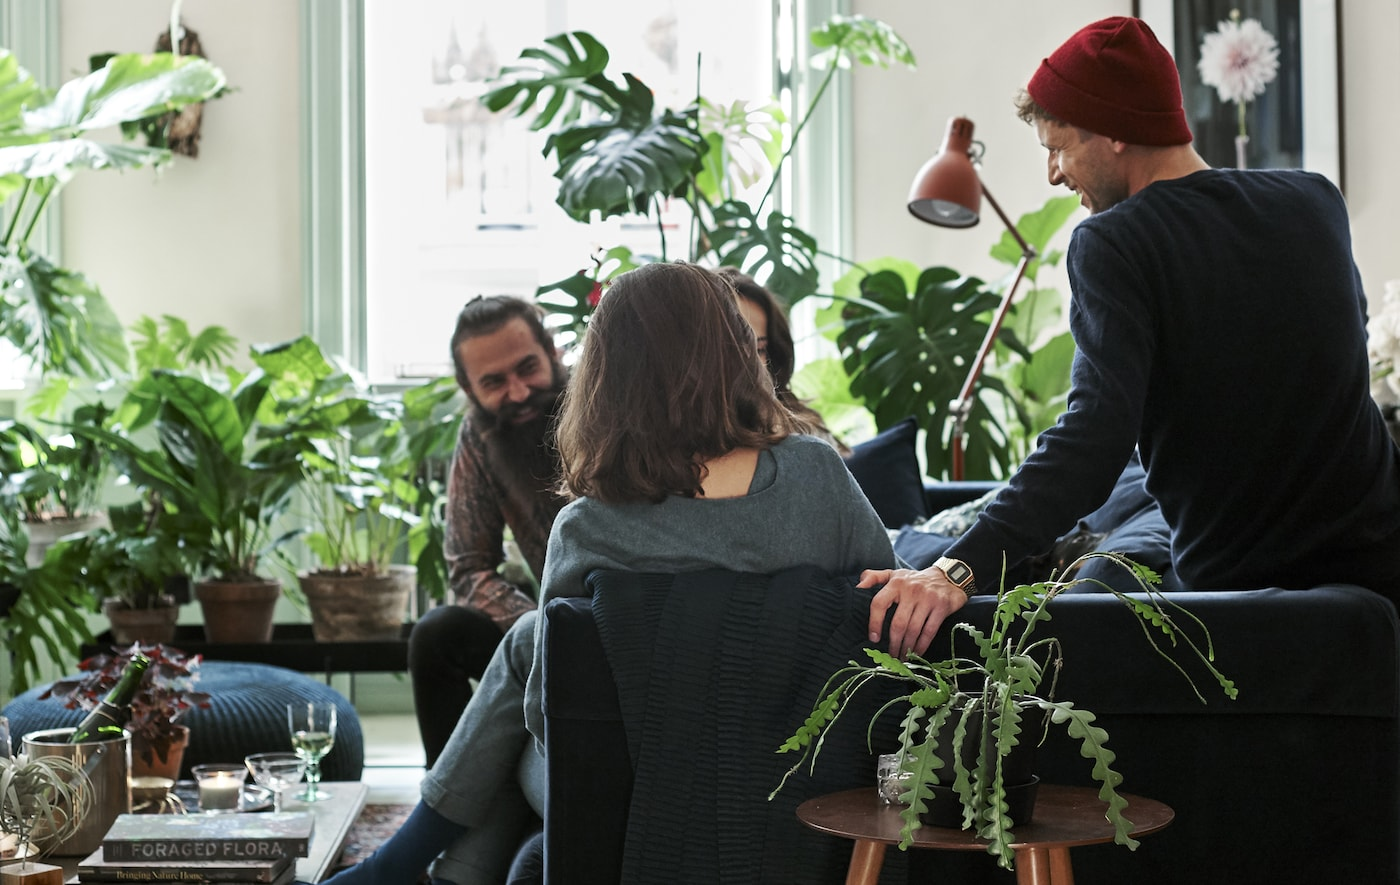 Ospiti seduti su un divano in velluto blu scuro in un soggiorno decorato con piante e tessili a stampa botanica - IKEA